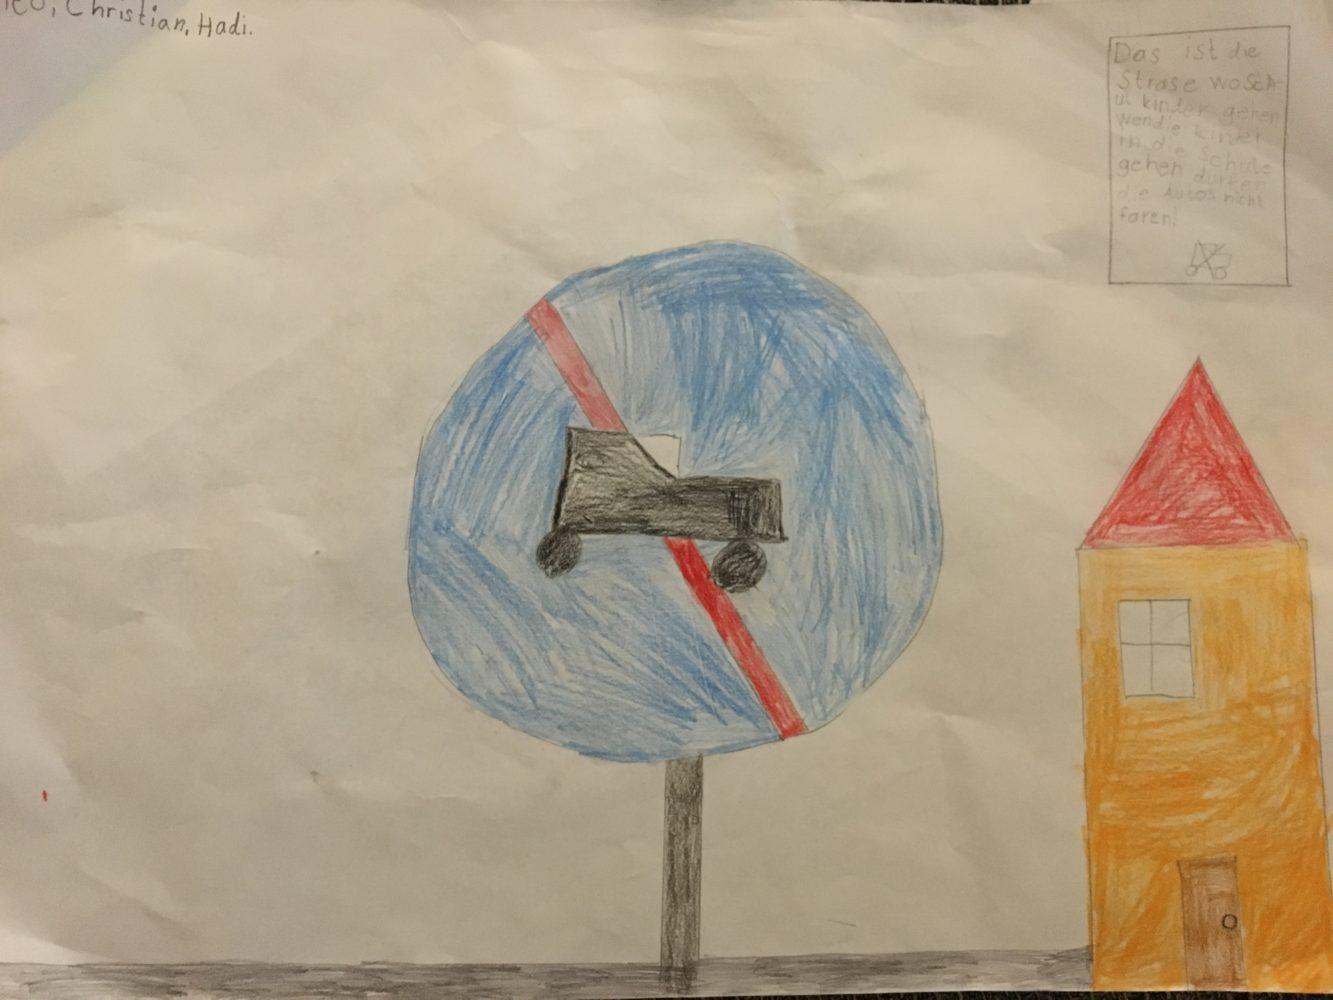 """""""Wenn die Kinder in die Schule gehen, dürfen die Autos nicht fahren."""" (Nico,Christian und Hadi)"""